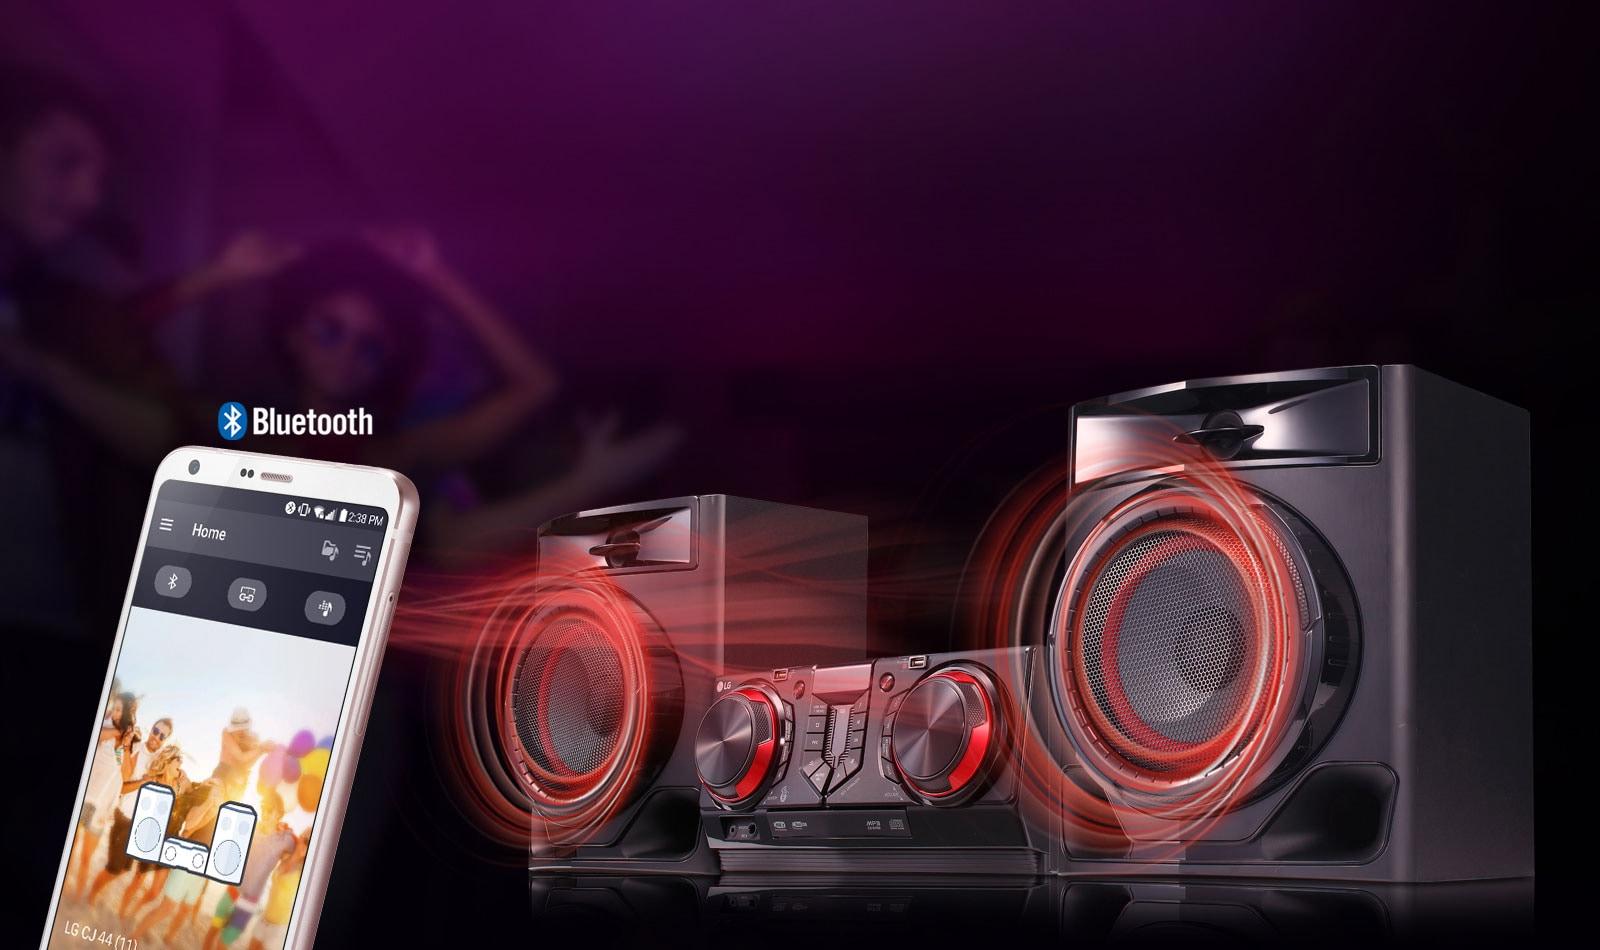 CJ44_LG-Bluetooth-App_040817_D